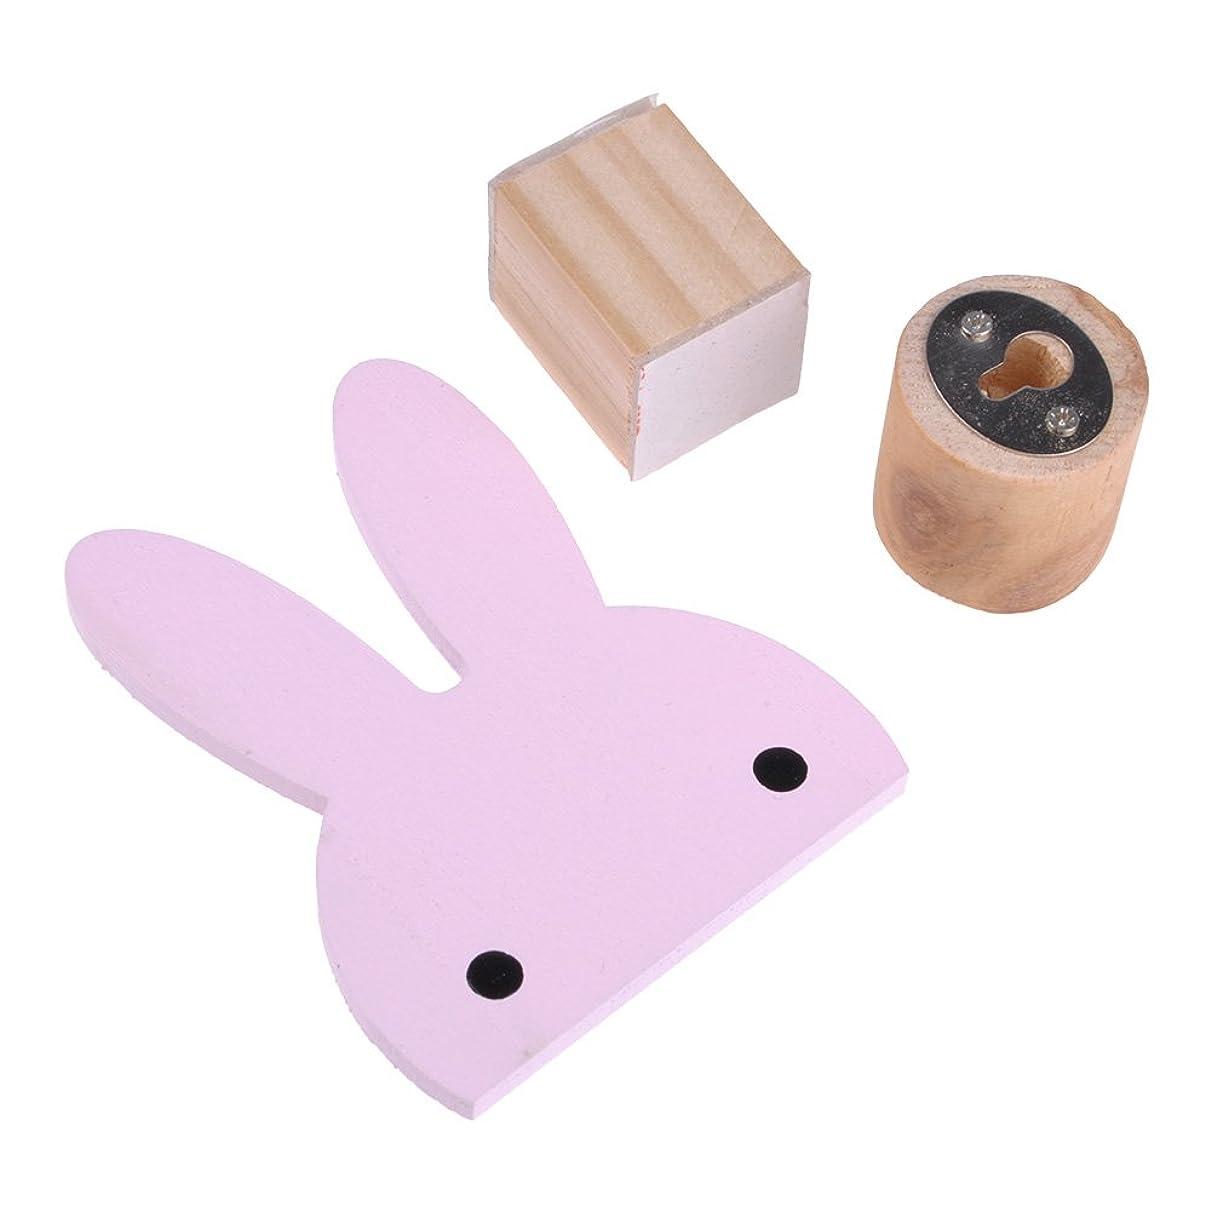 気味の悪い居住者スリラー木製 ウサギの形 壁装飾 フック 帽子ジュエリーハンガー タオル収納 包装付く ピンク